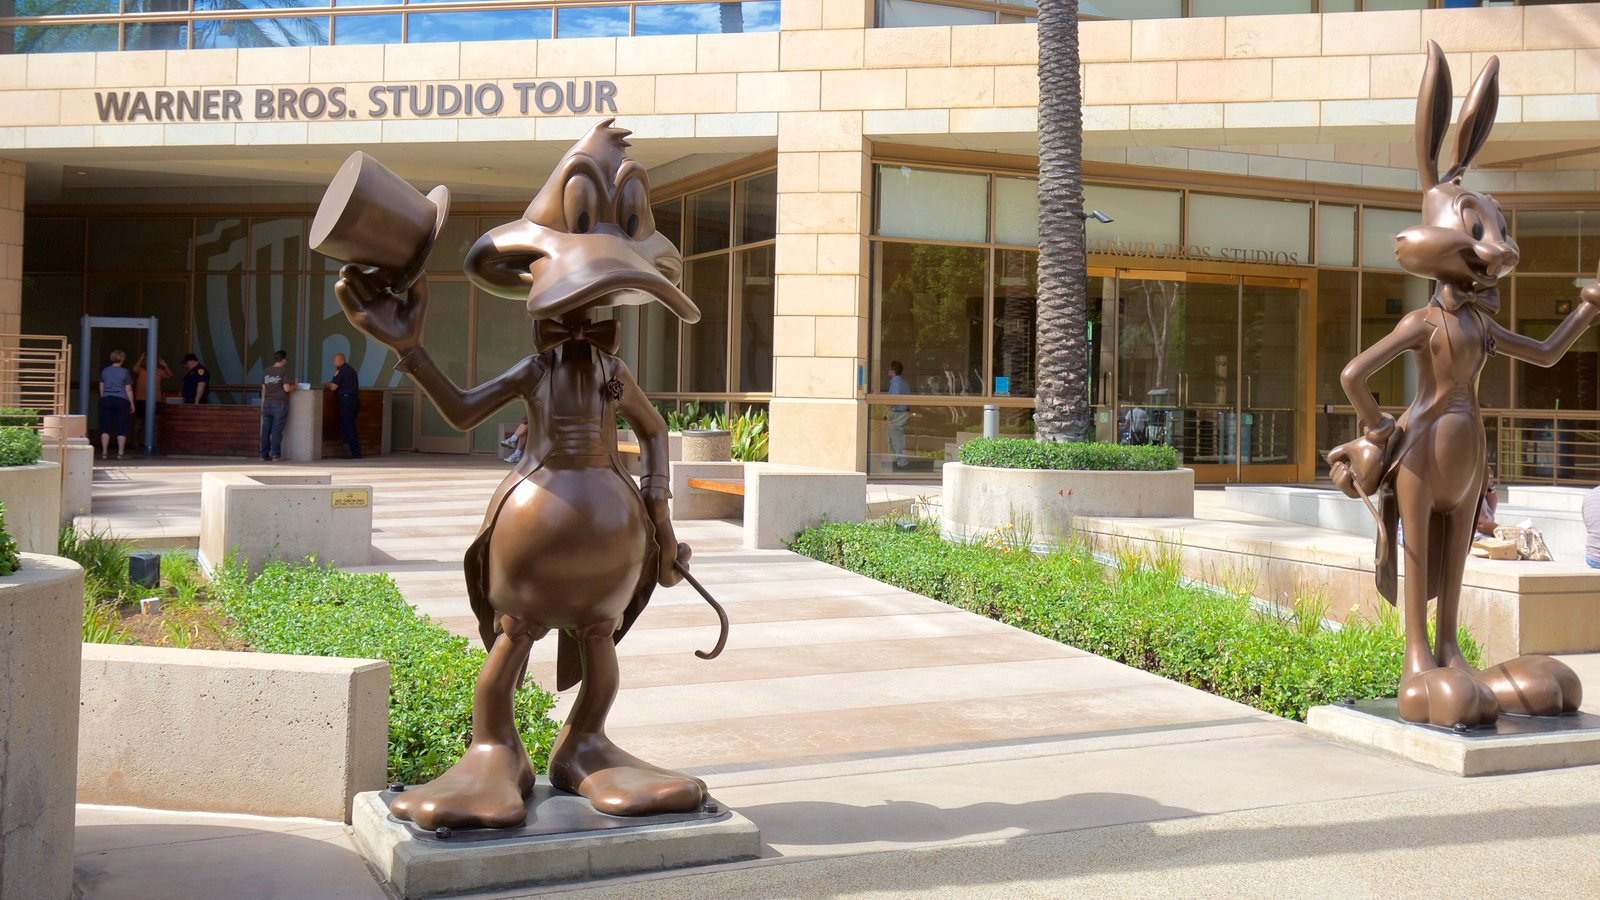 Burbank que inclui uma estátua ou escultura